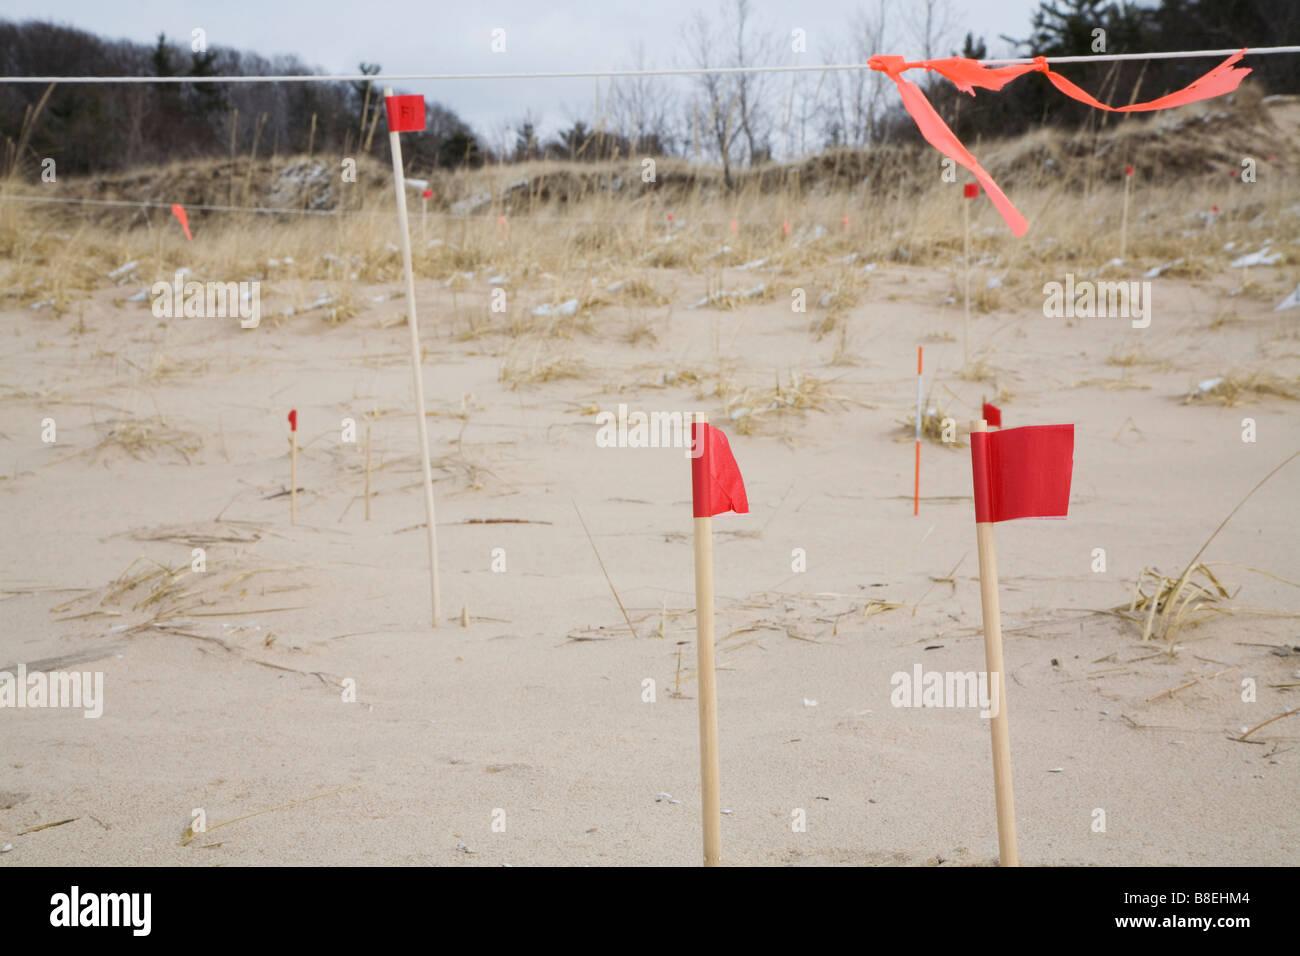 Les chercheurs étudient le mouvement des dunes de sable Photo Stock